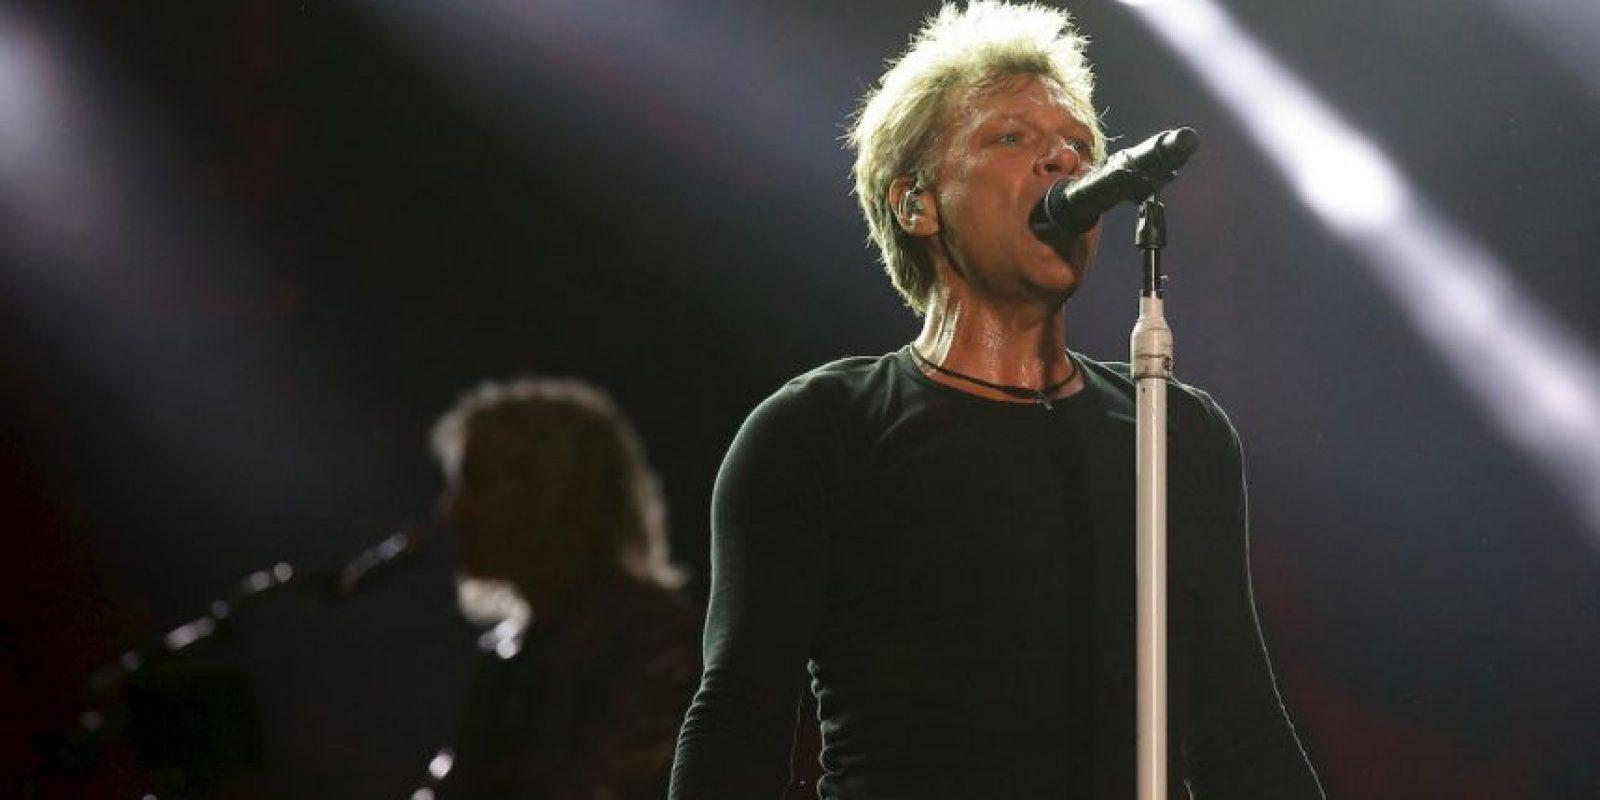 """""""No tenemos palabras para expresar nuestra tristeza por la cancelación"""", señaló """"Live Nation"""", promotora de los conciertos, a través de un comunicado. Foto:Getty Images"""